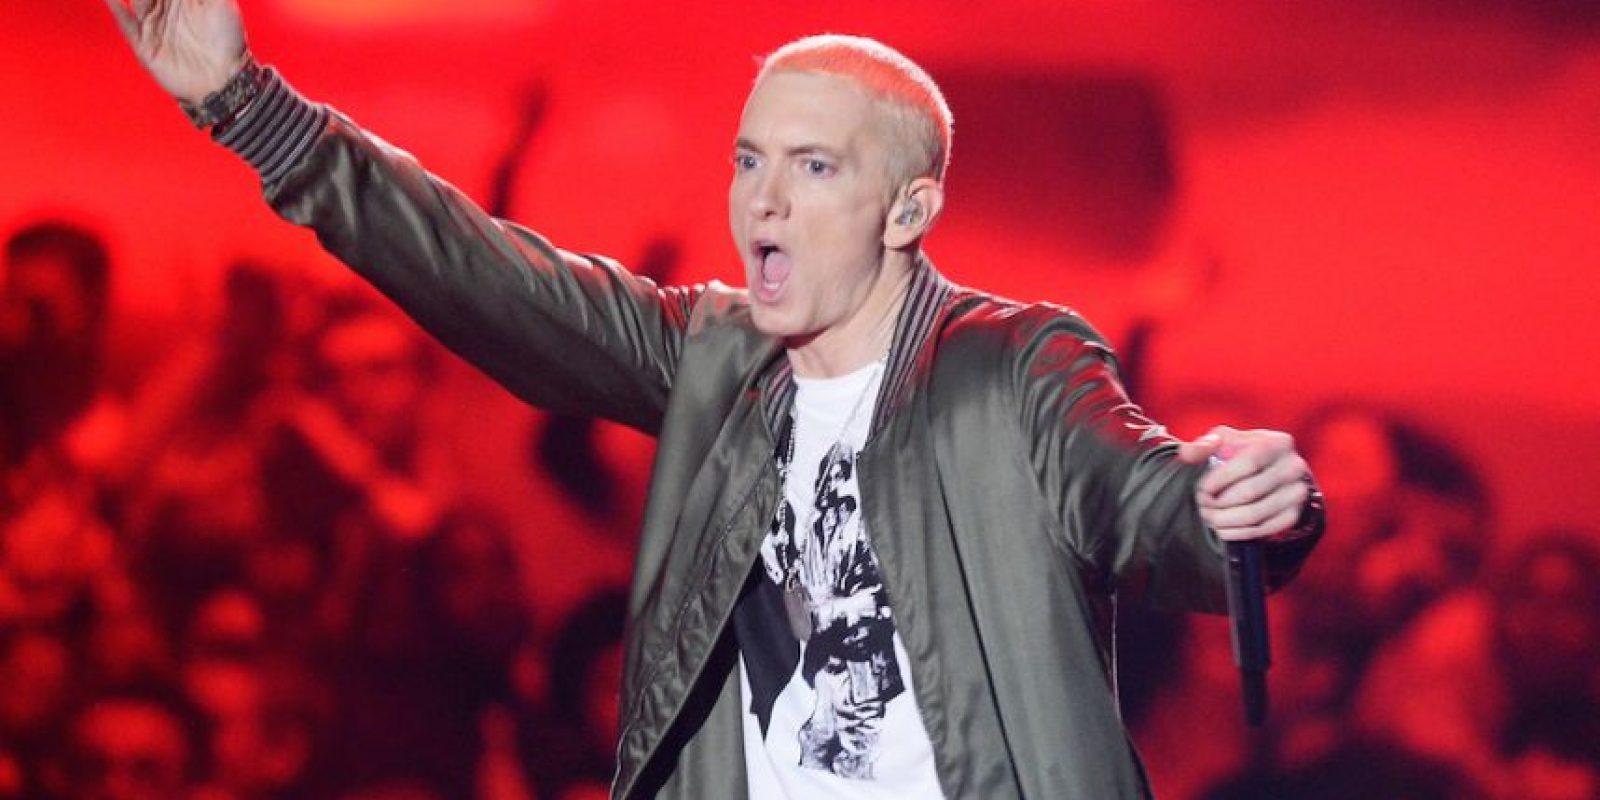 Eminem, rapero estadounidense. Foto:Getty Images